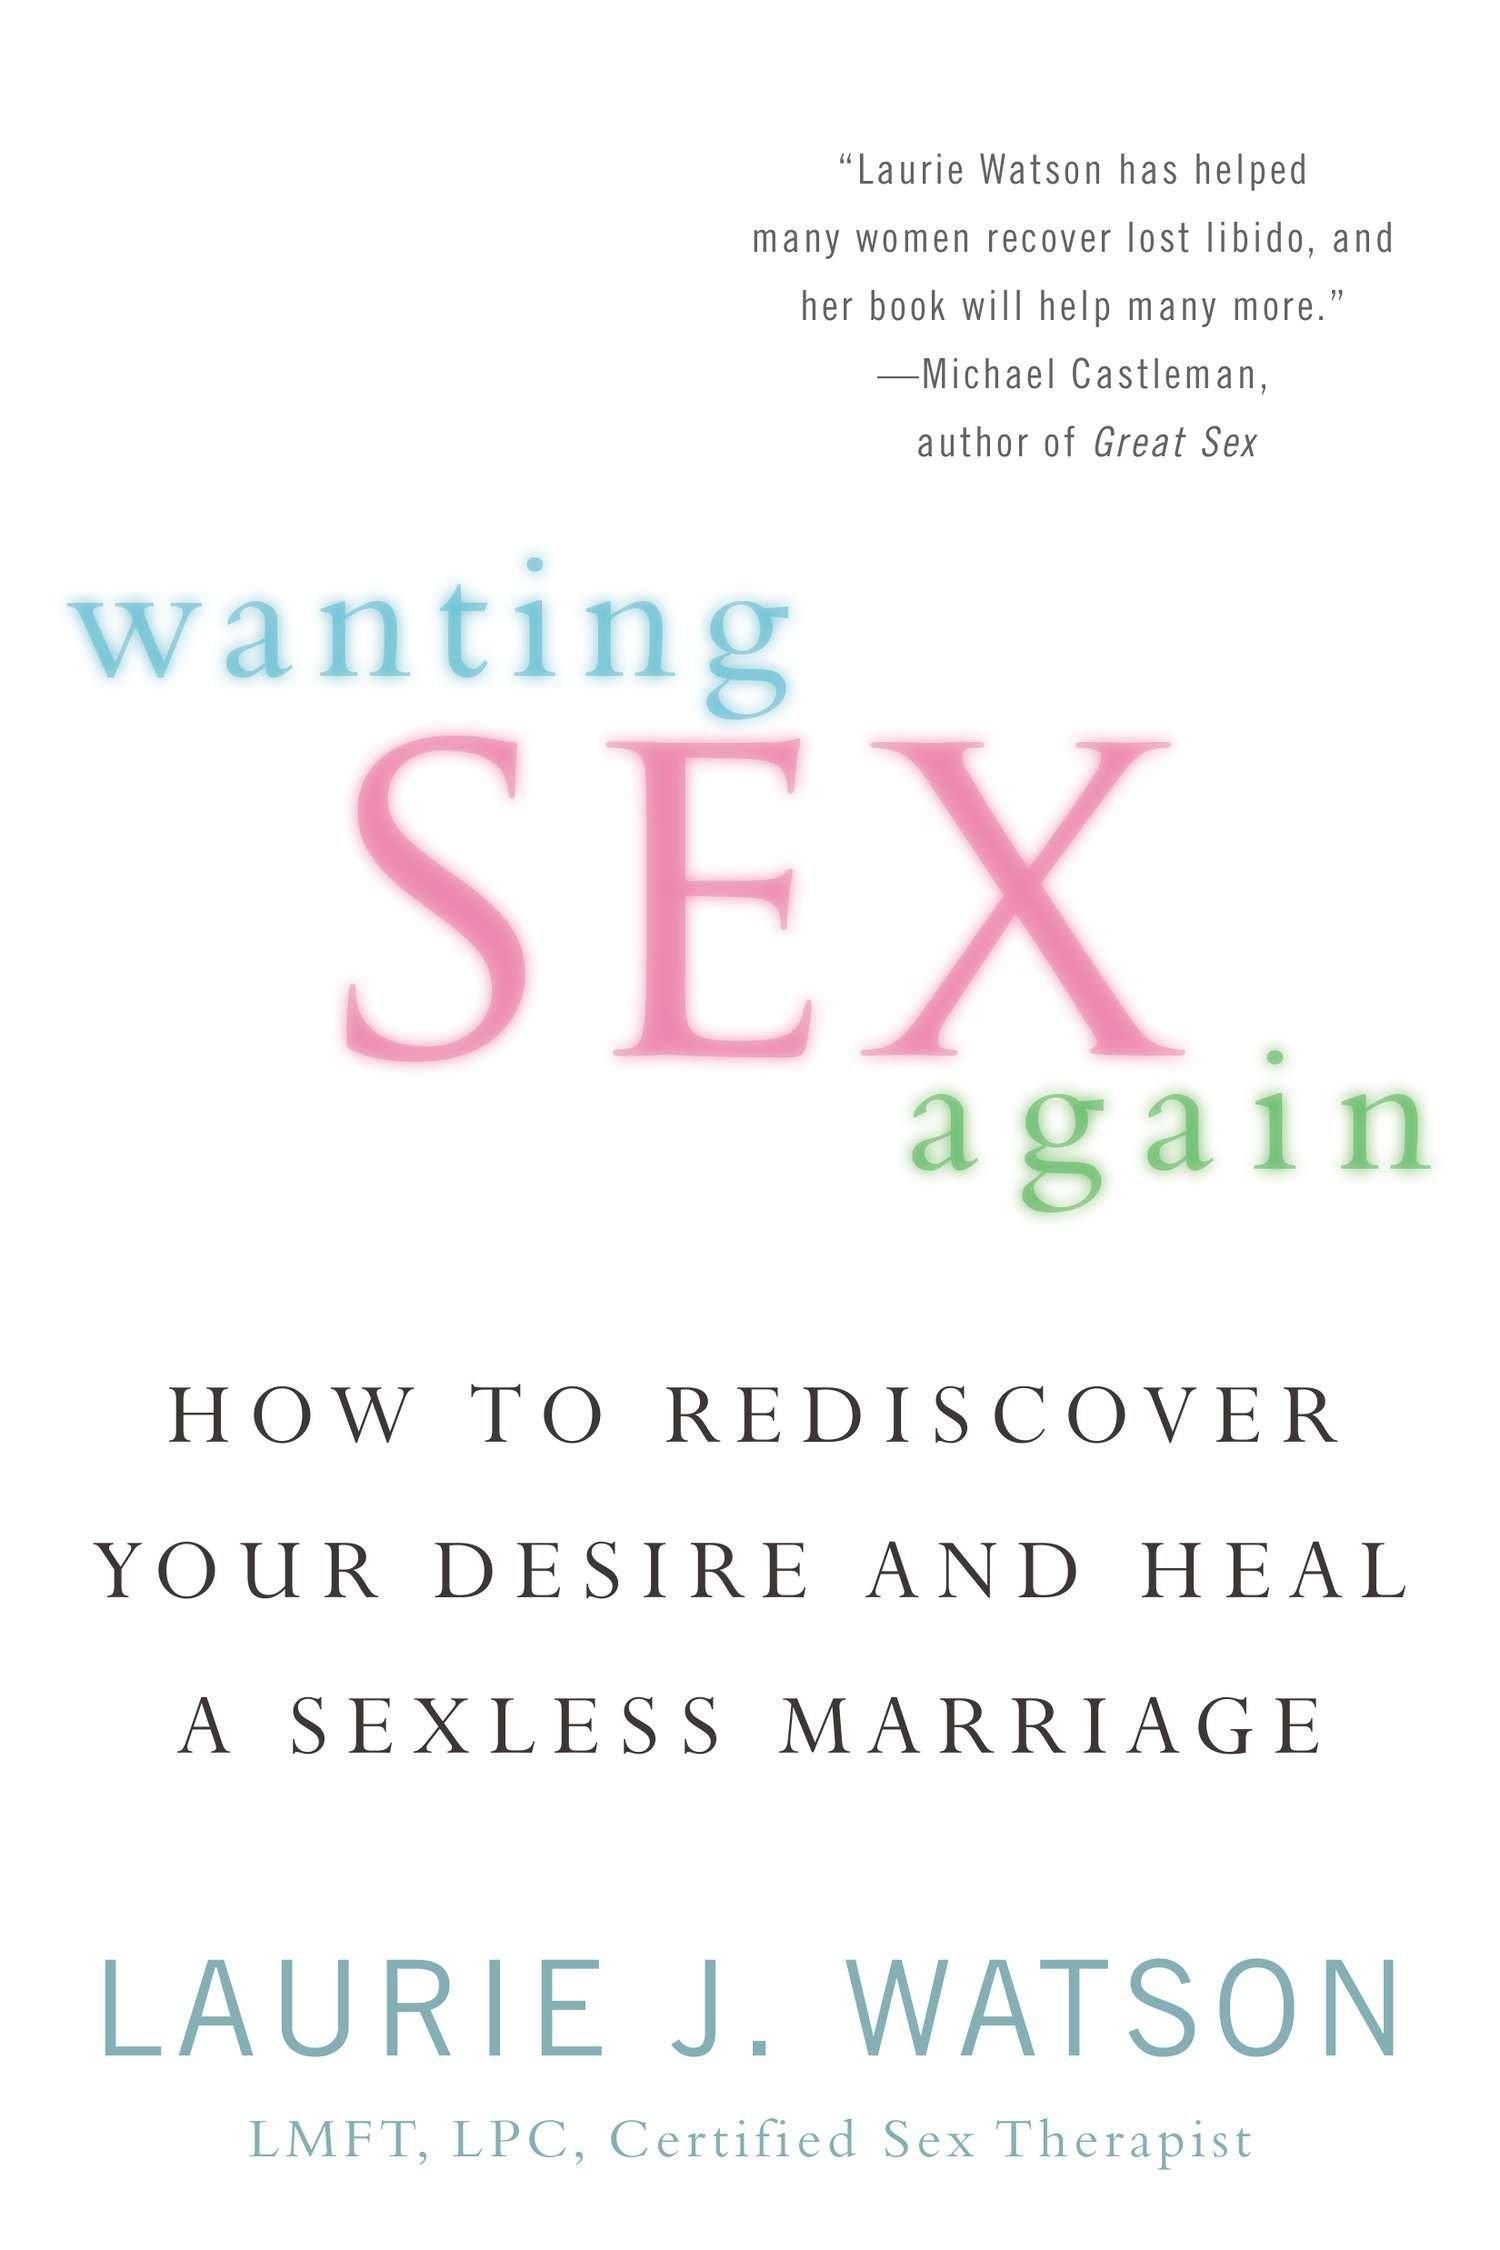 How often due women want sex